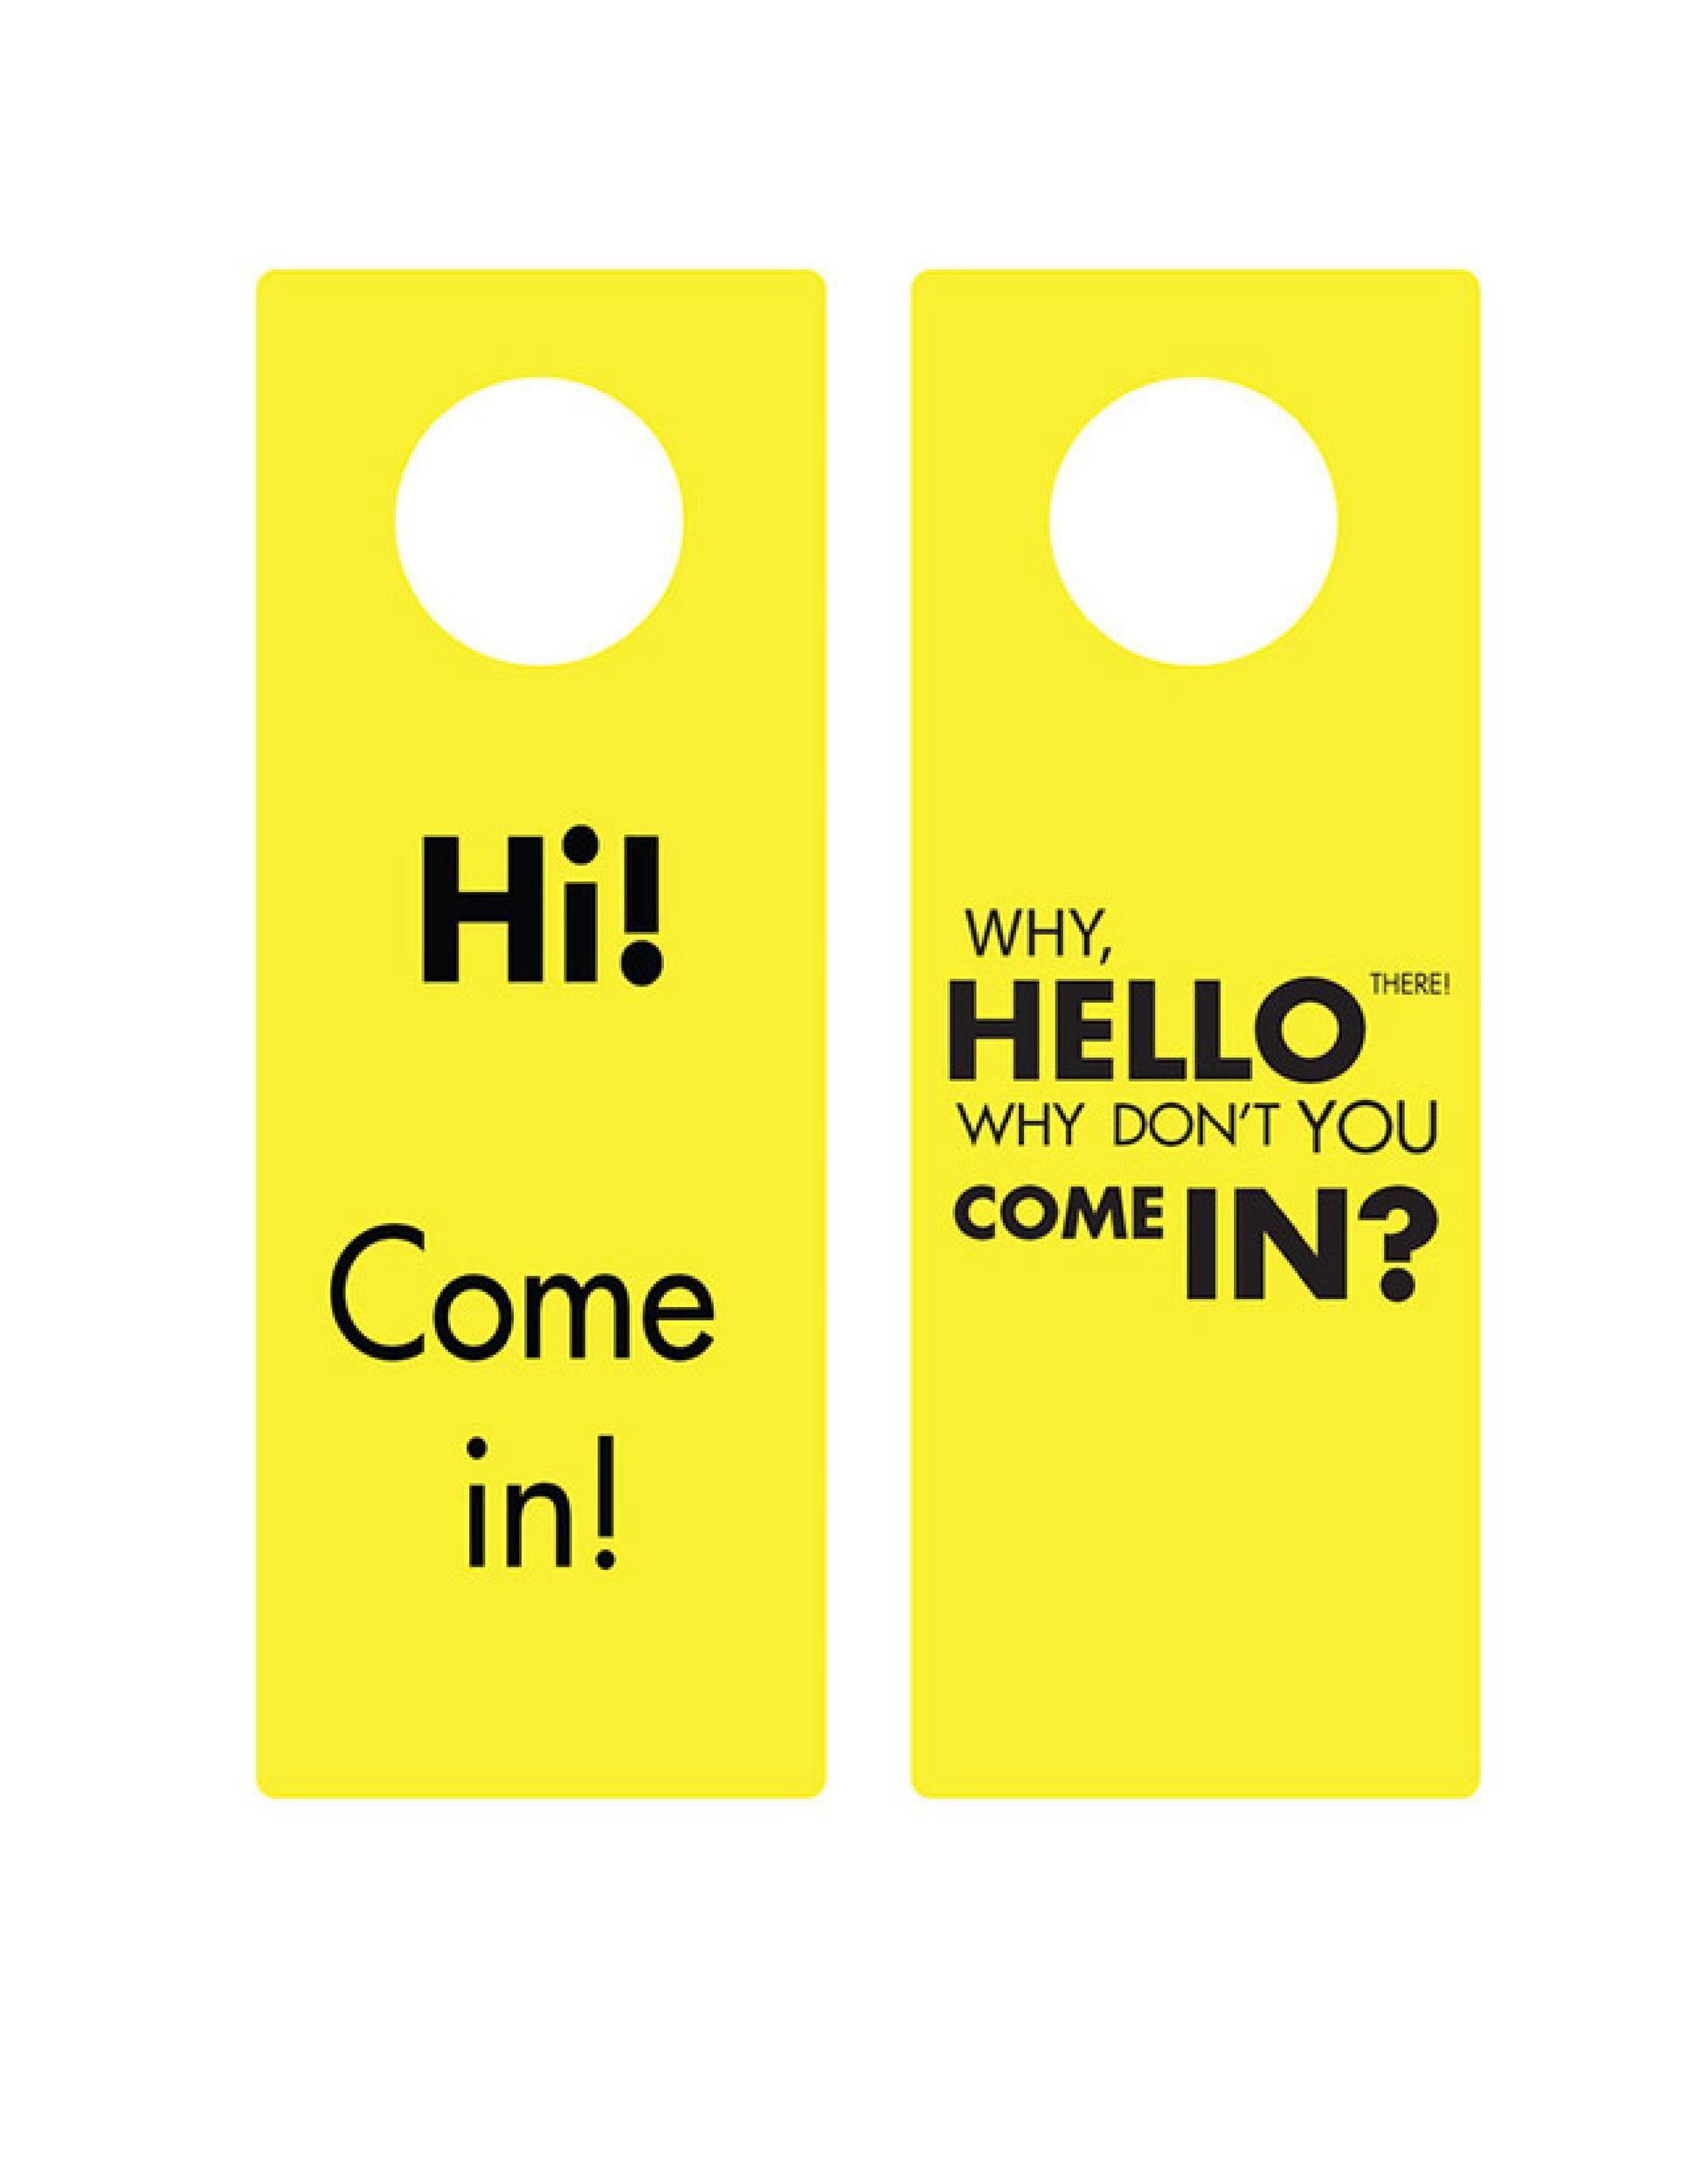 008 Simple Free Template For Door Hanger Word Picture  WeddingFull